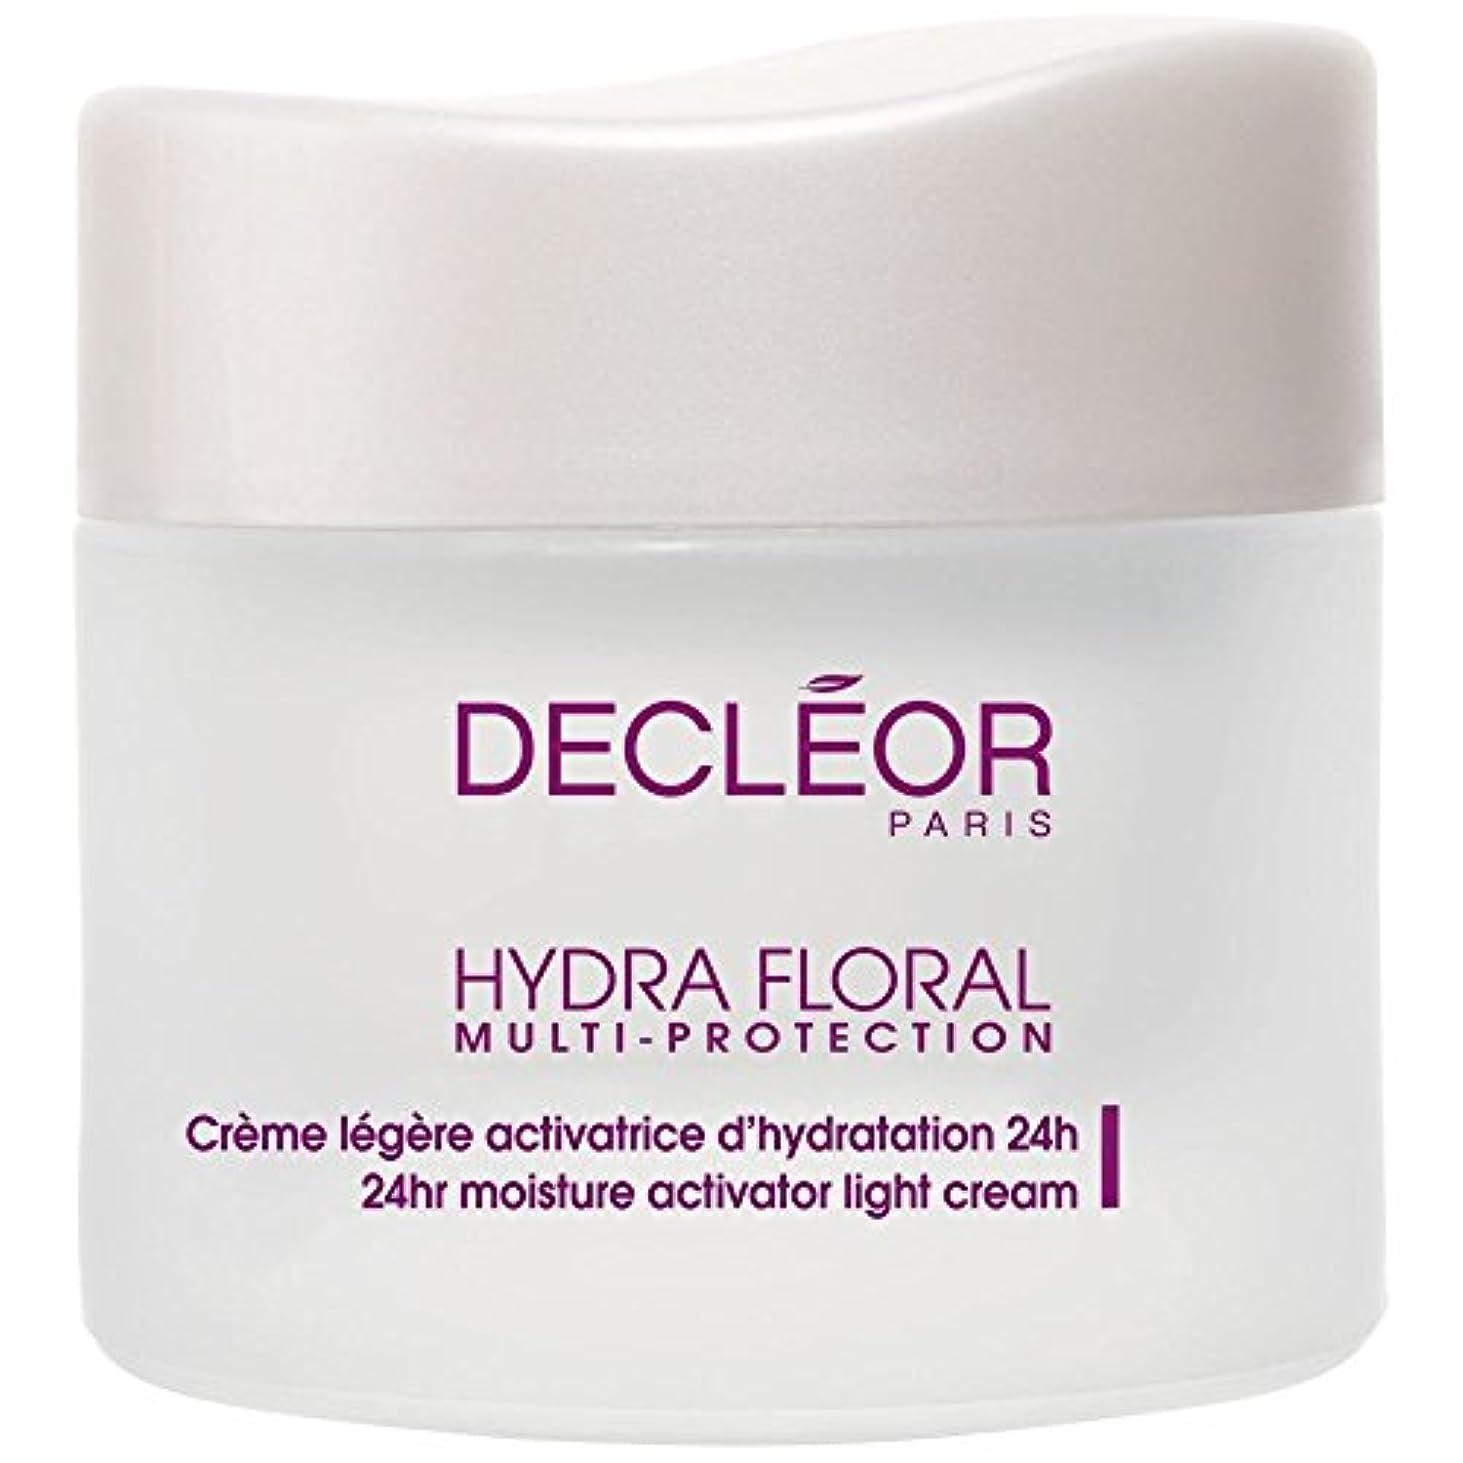 ルアー柔らかさ消防士[Decl?or] デクレオールヒドラ花のマルチプロテクションベーターライトクリーム、50ミリリットル - Decl?or Hydra Floral Multi Protection Activator Light Cream...